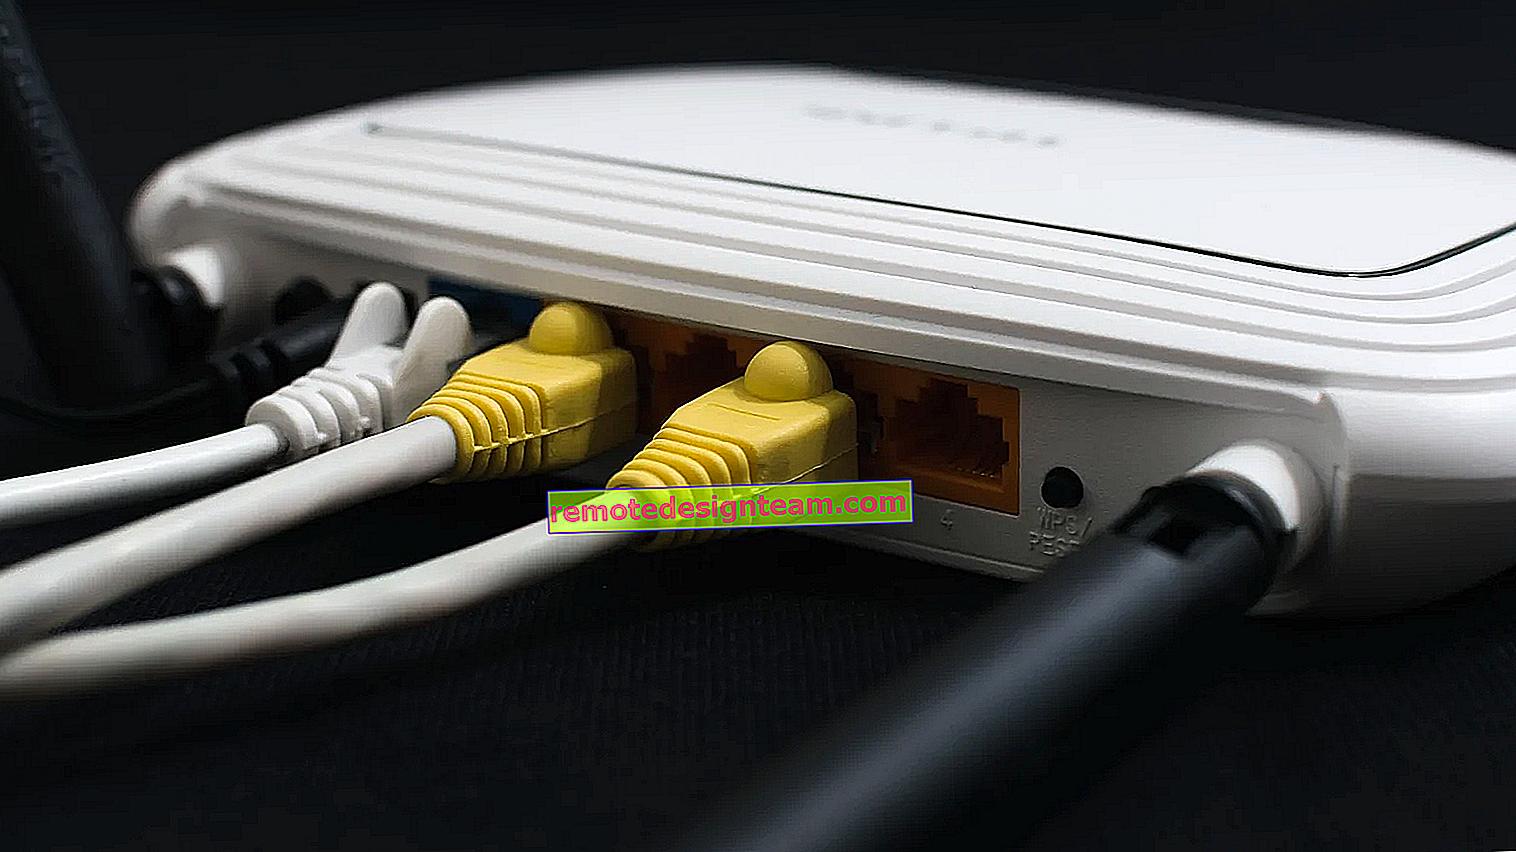 Як відновити роутер Tp-Link після невдалої прошивки?